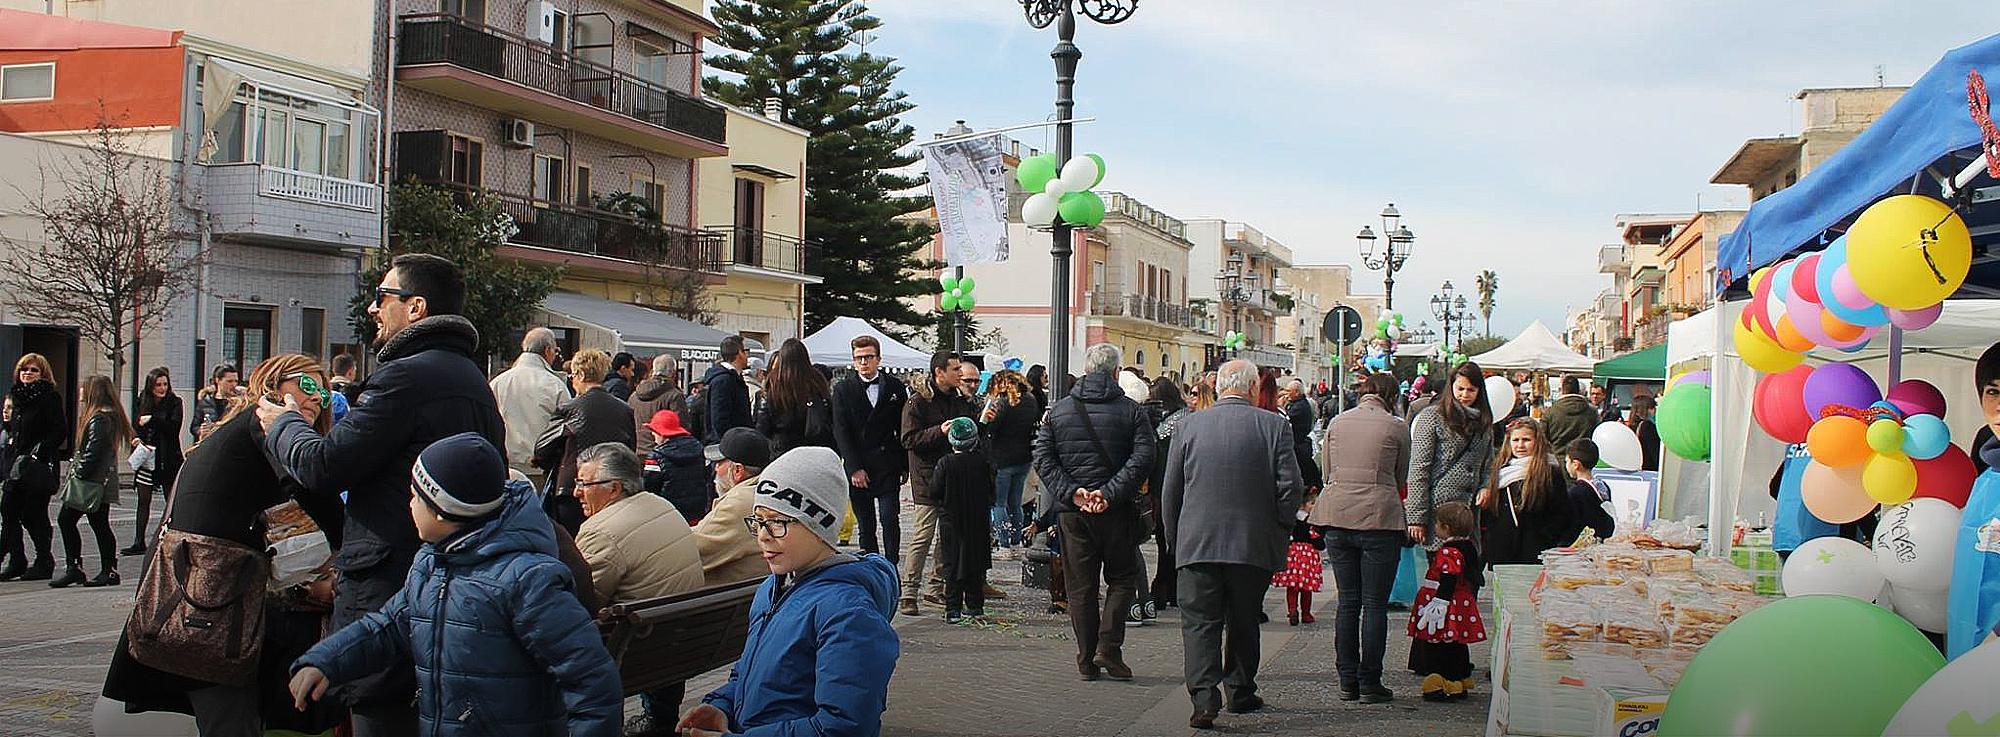 Trinitapoli: Carnevale di Trinitapoli